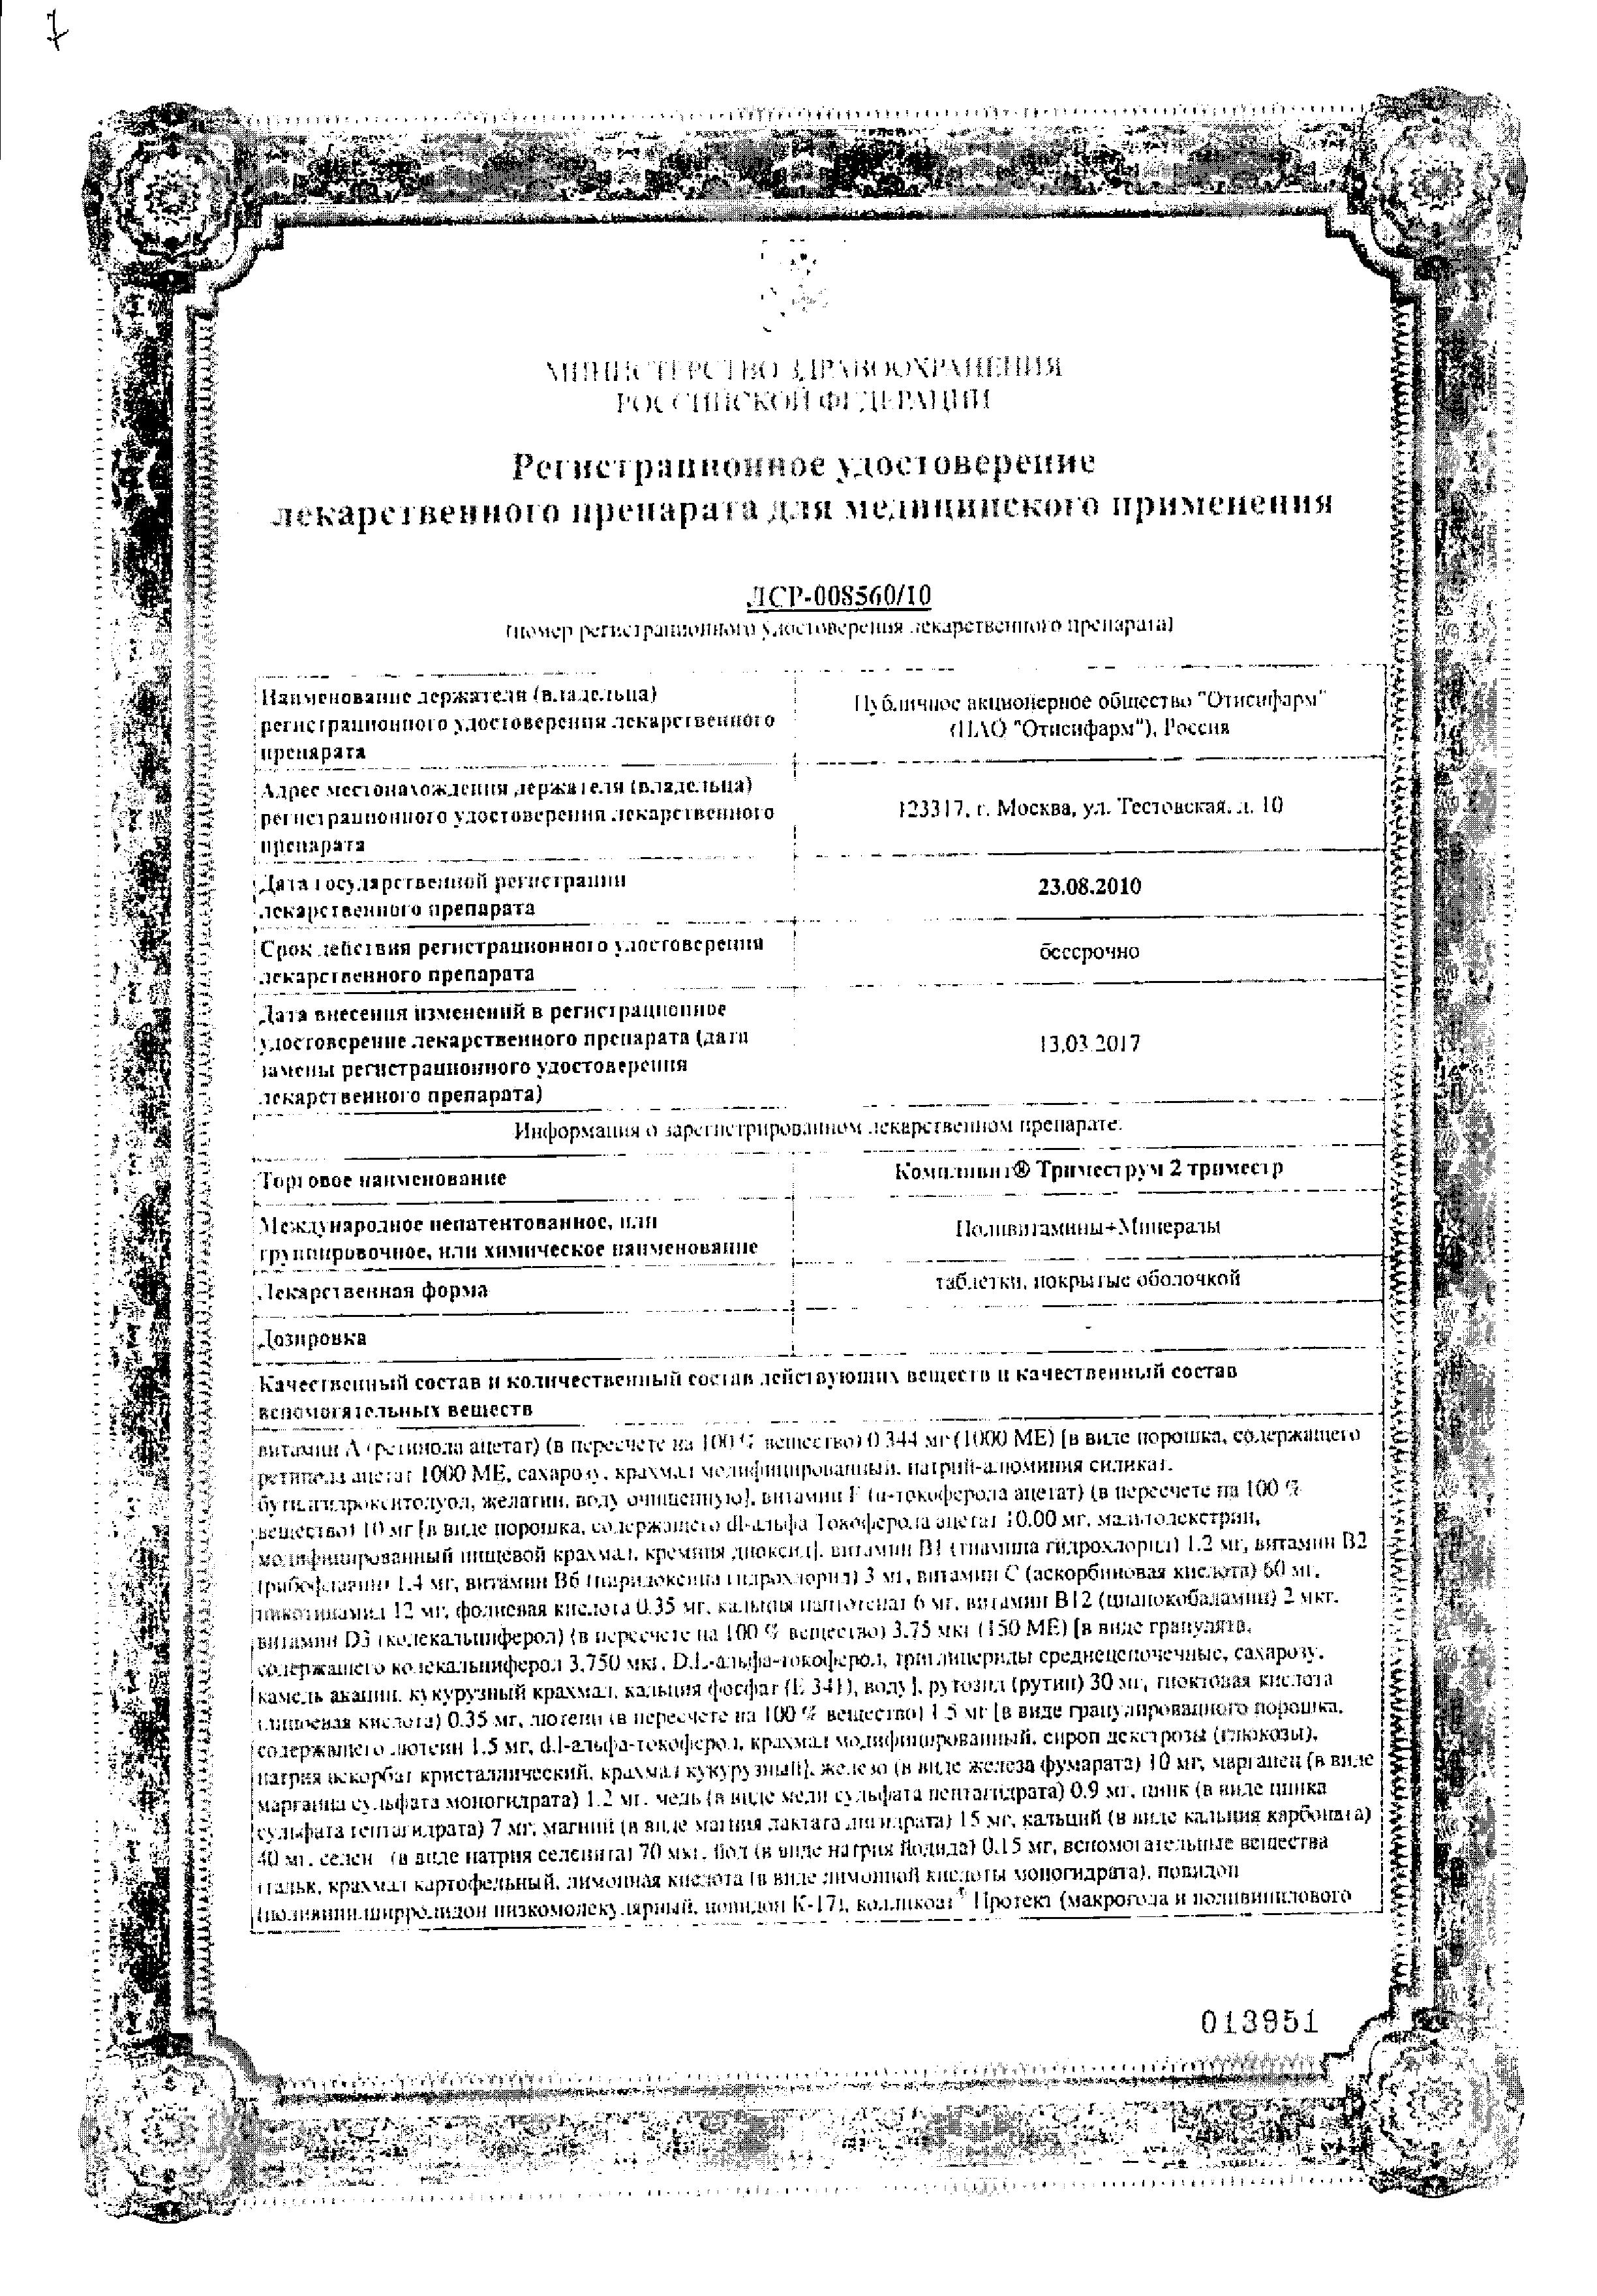 Компливит Триместрум 2 триместр сертификат